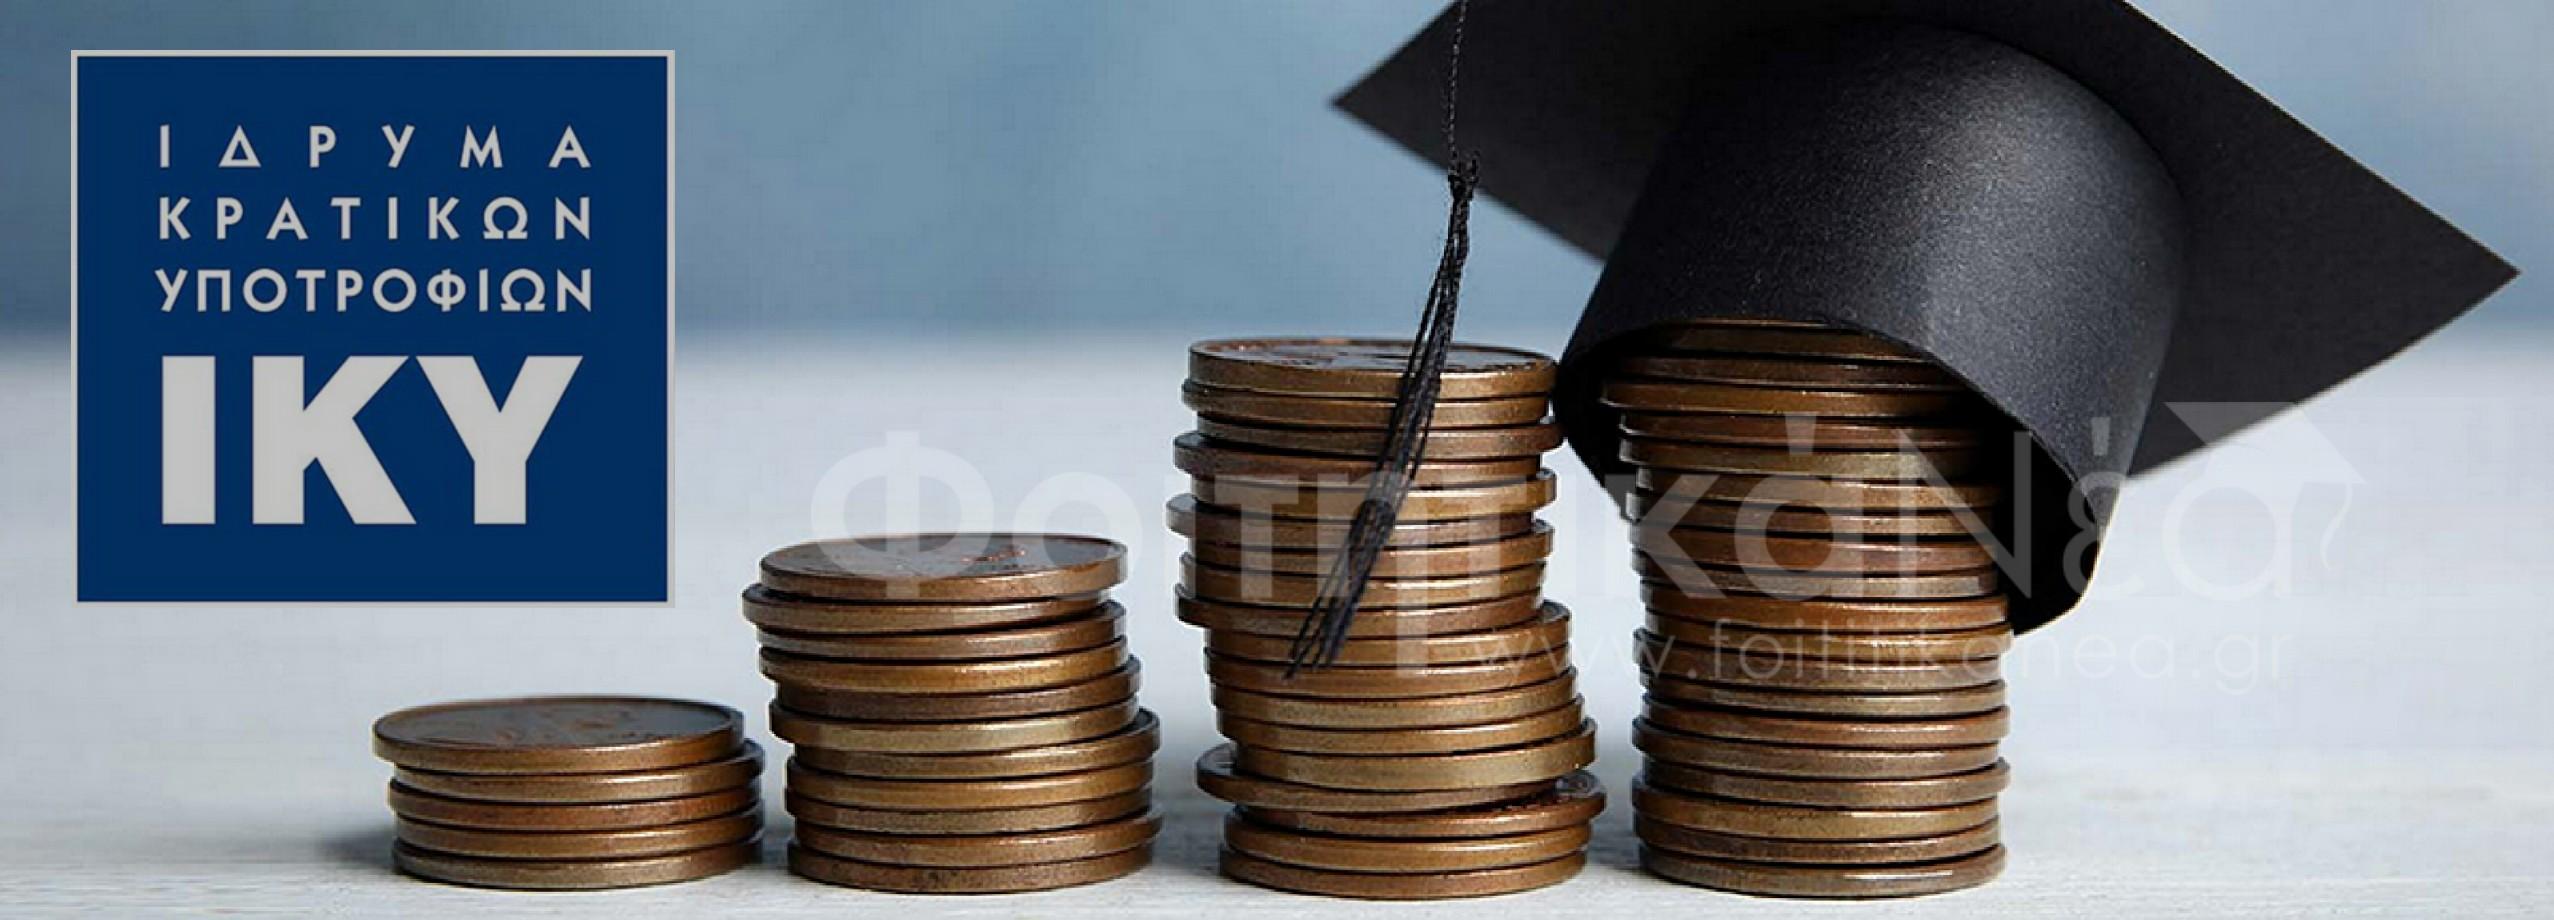 ΒΓΗΚΕ η απόφαση για το Φοιτητικό Επίδομα ΙΚΥ ύψους 500€ κάθε μήνα (Αιτήσεις, Δικαιούχοι, Προϋποθέσεις)